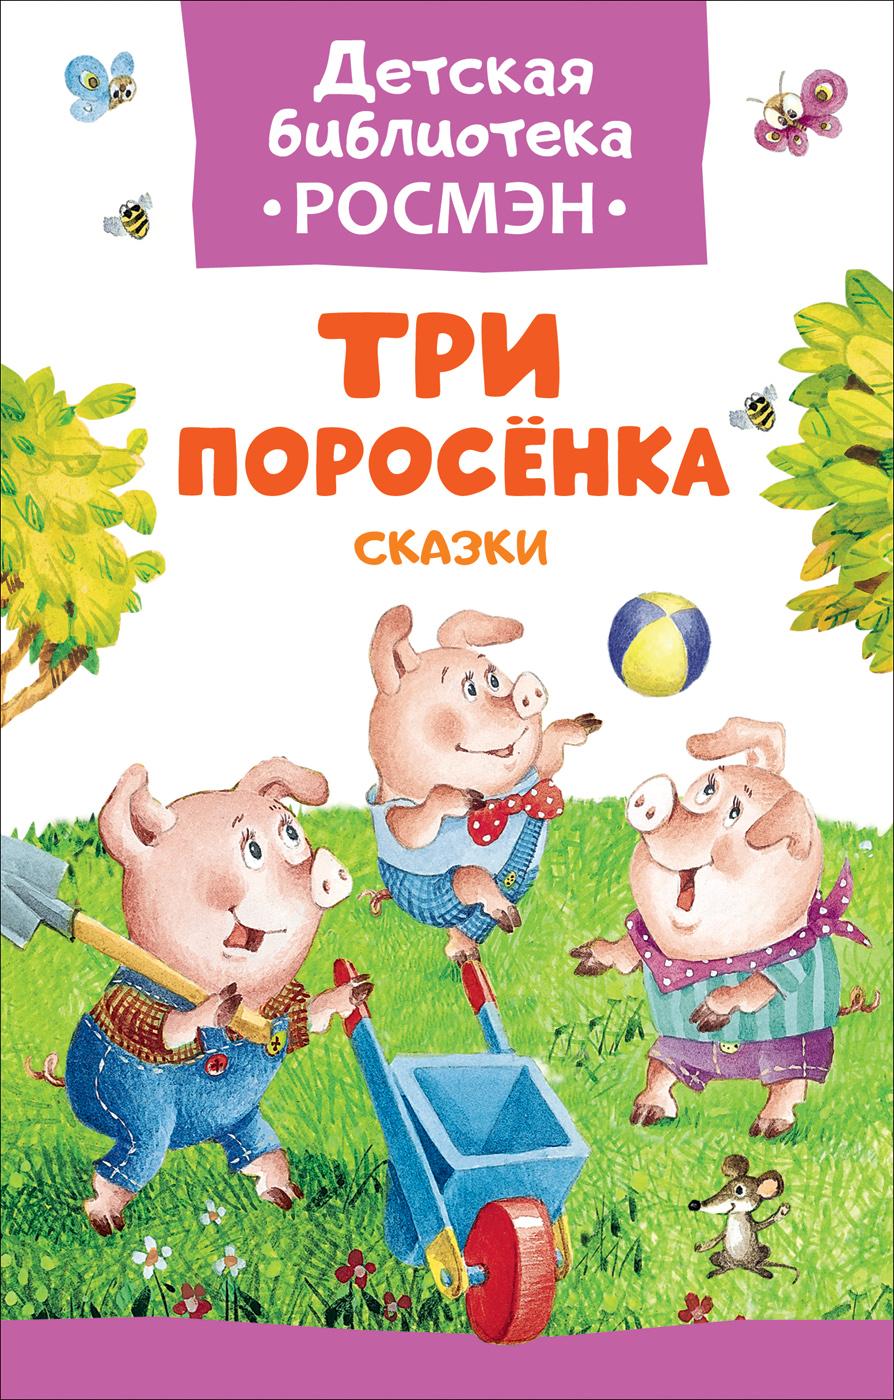 Михалков С.В. Три поросенка. Сказки (ДБ РОСМЭН) екатерина зуева ать два три